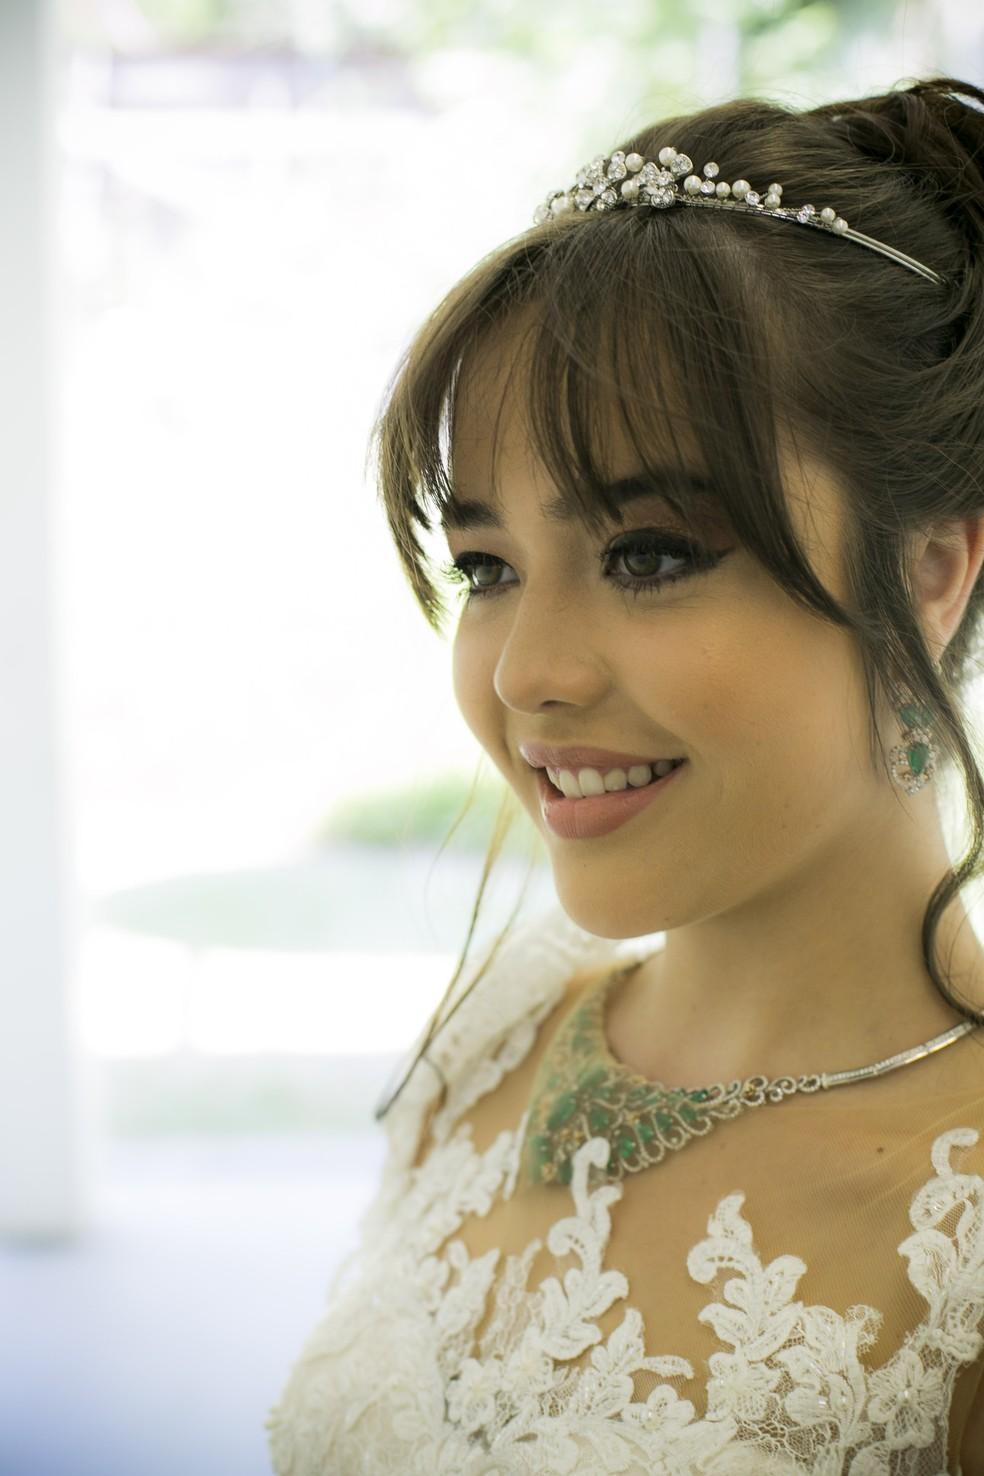 Ao invés da tradicional grinalda, opção foi uma romântica tiara (Foto: Raphael Dias/Gshow)